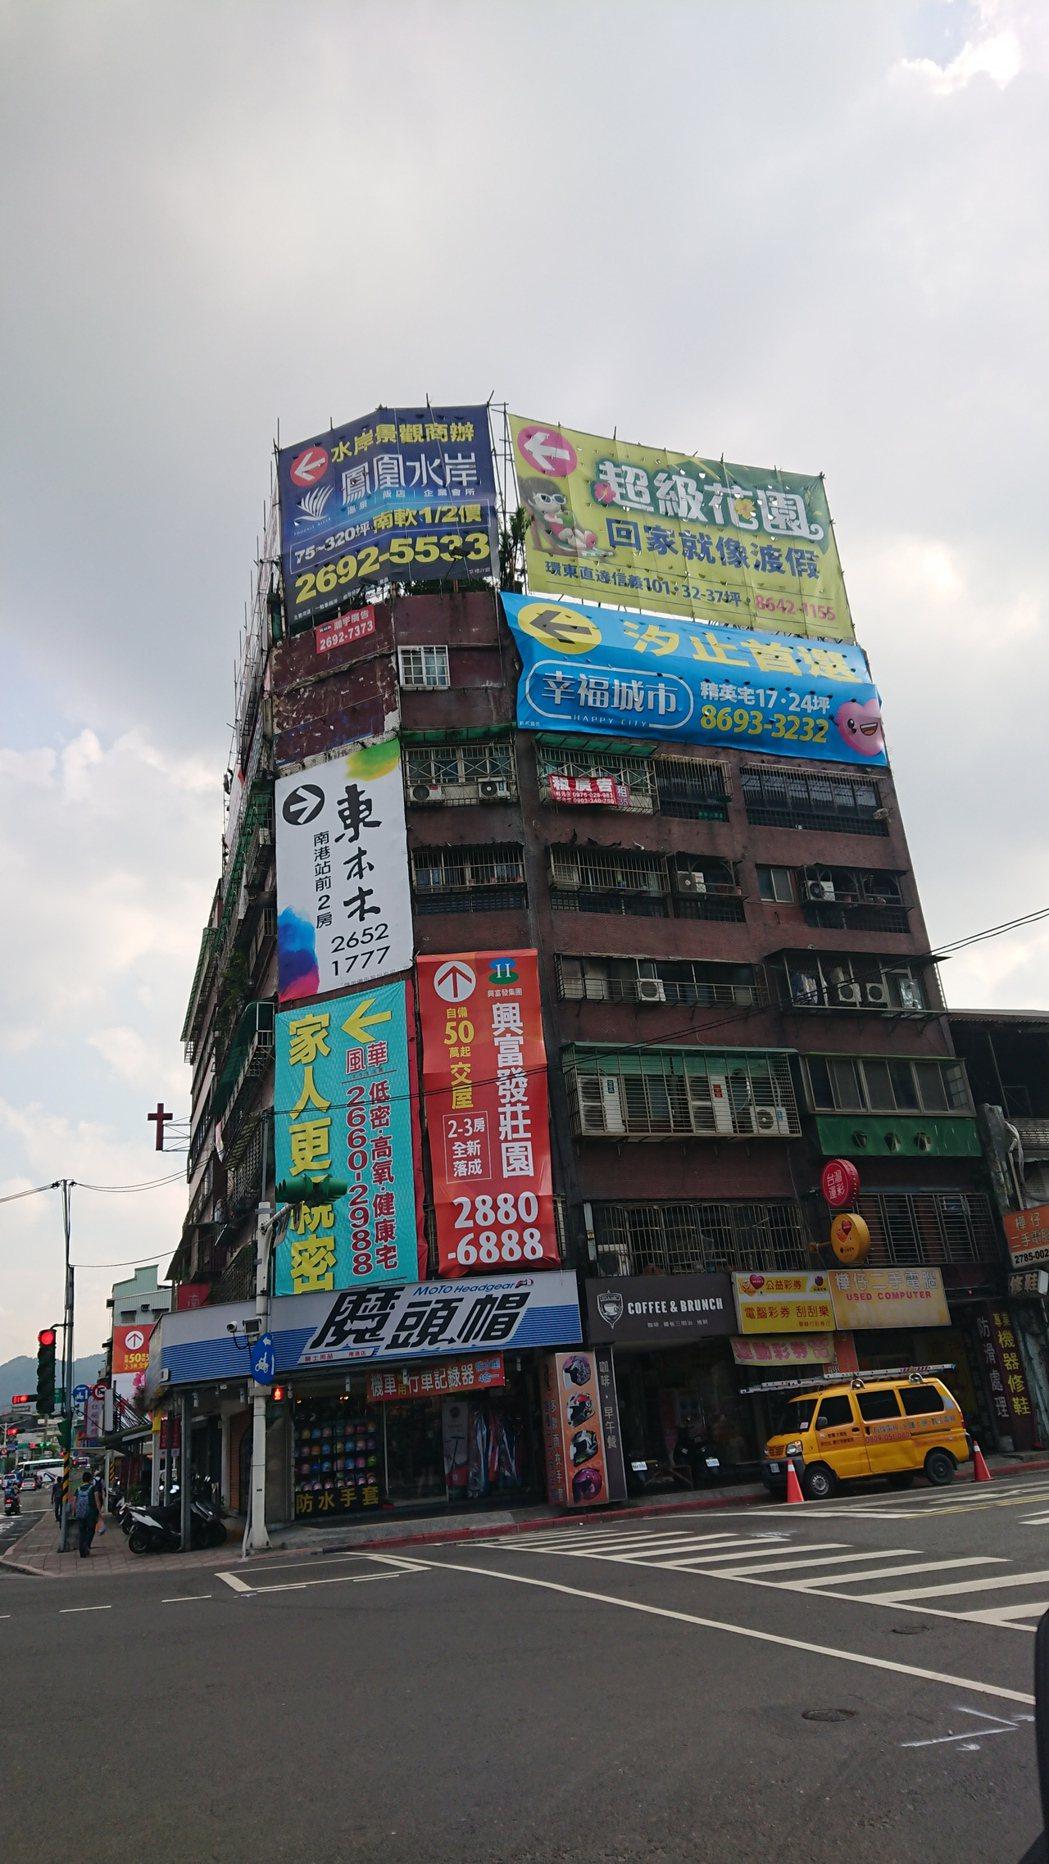 據住展雜誌統計,今年截至8月底止,台北市新成屋、預售屋累計推案量達2,360億元...